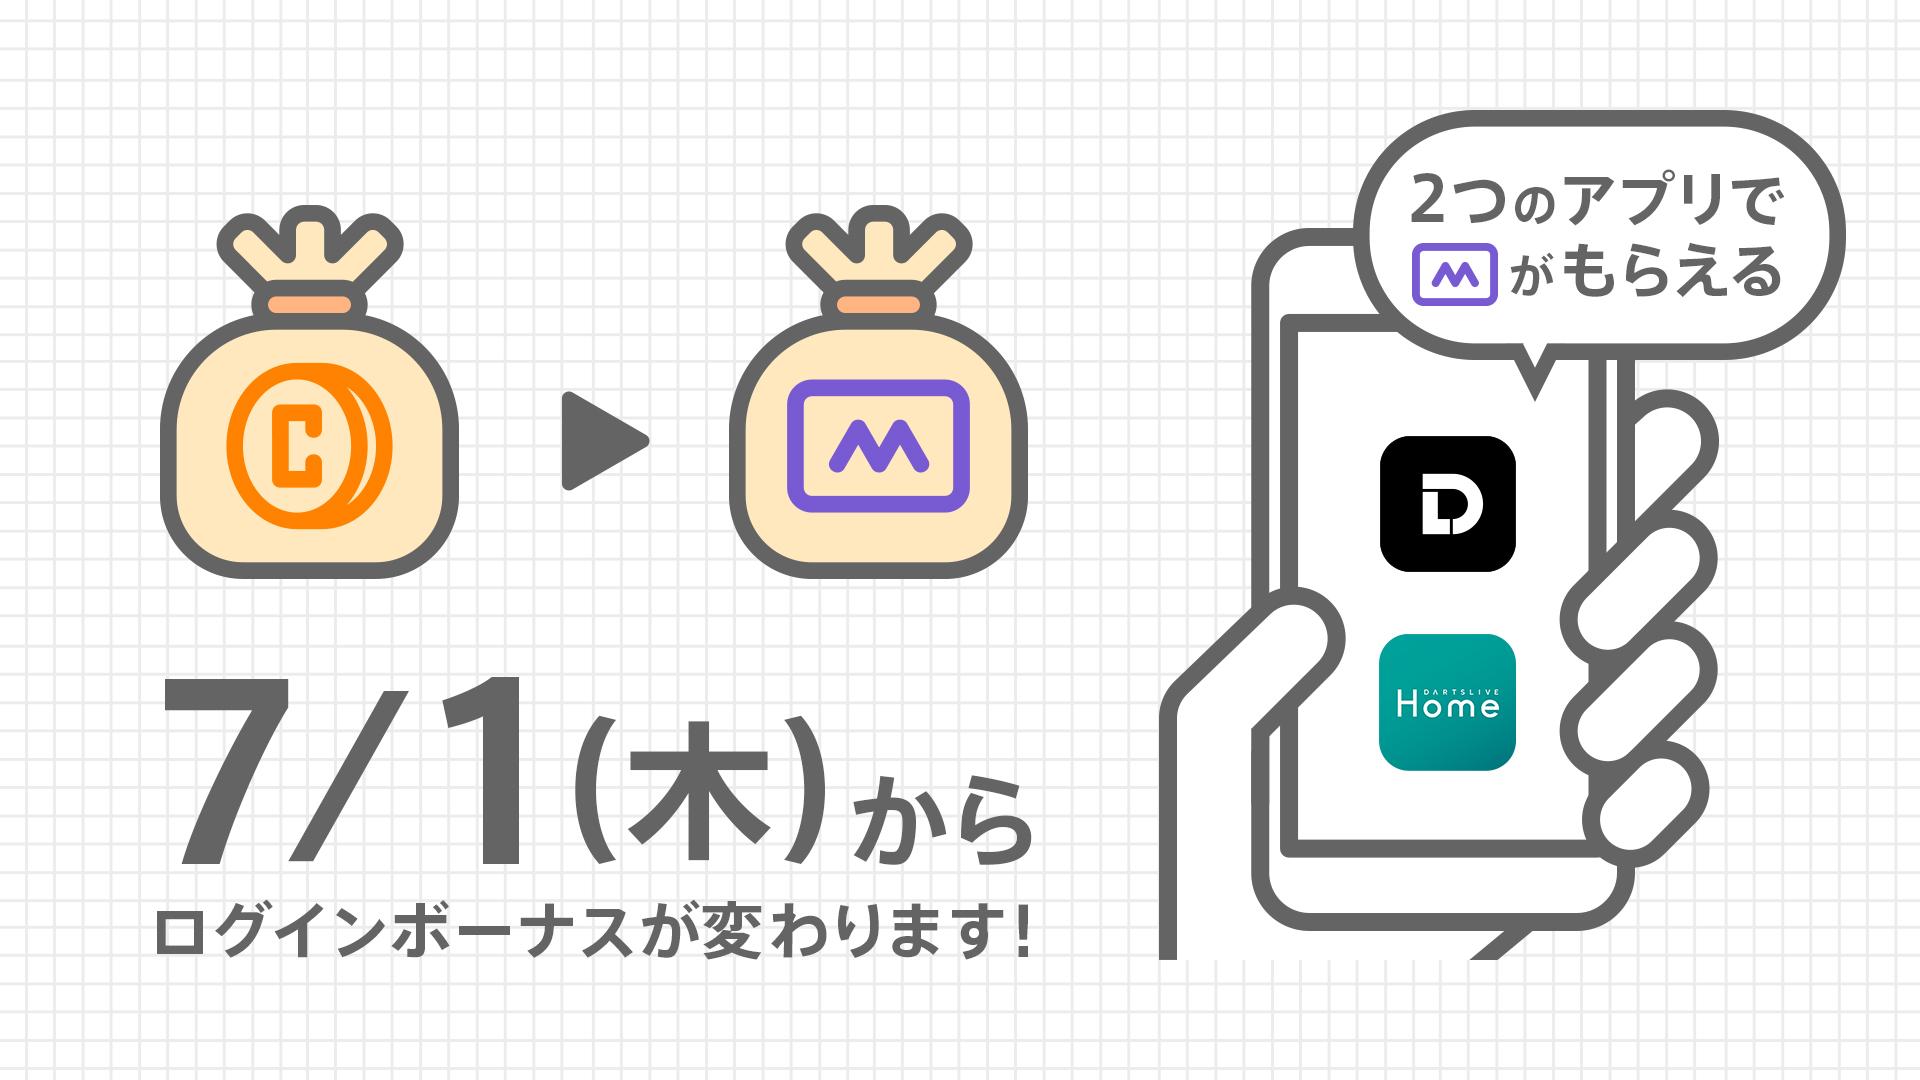 7月1日(木)よりログインボーナスがCoinからダーツライブマイルへ変更となります